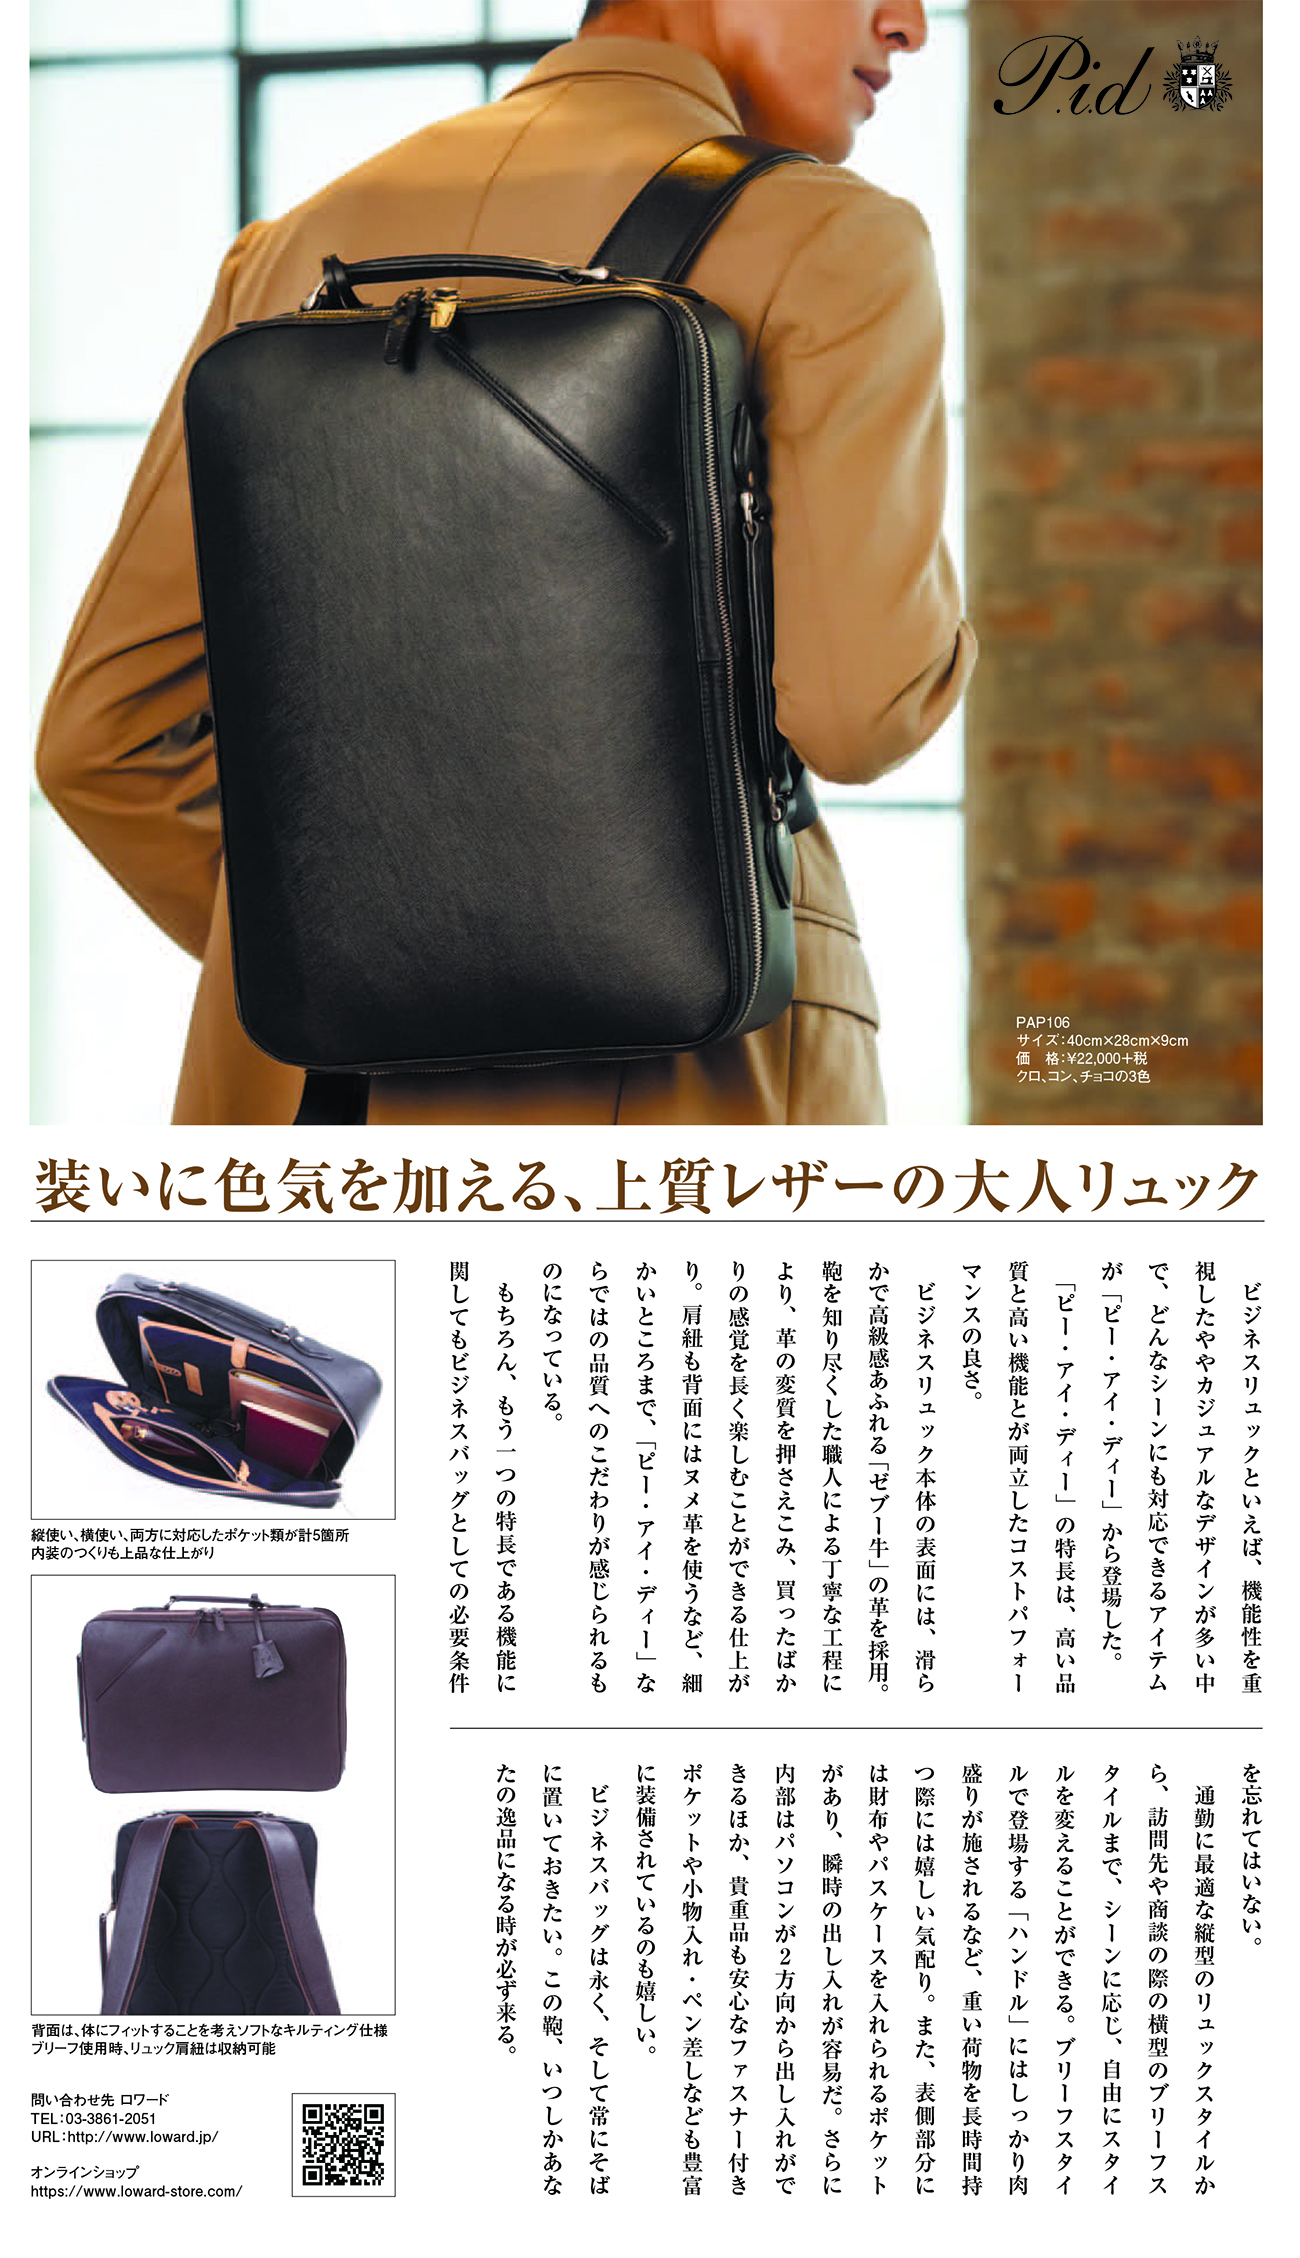 8月19日刊行の読売新聞朝刊にP.I.D Selvaシリーズ PAP106が掲載されました。